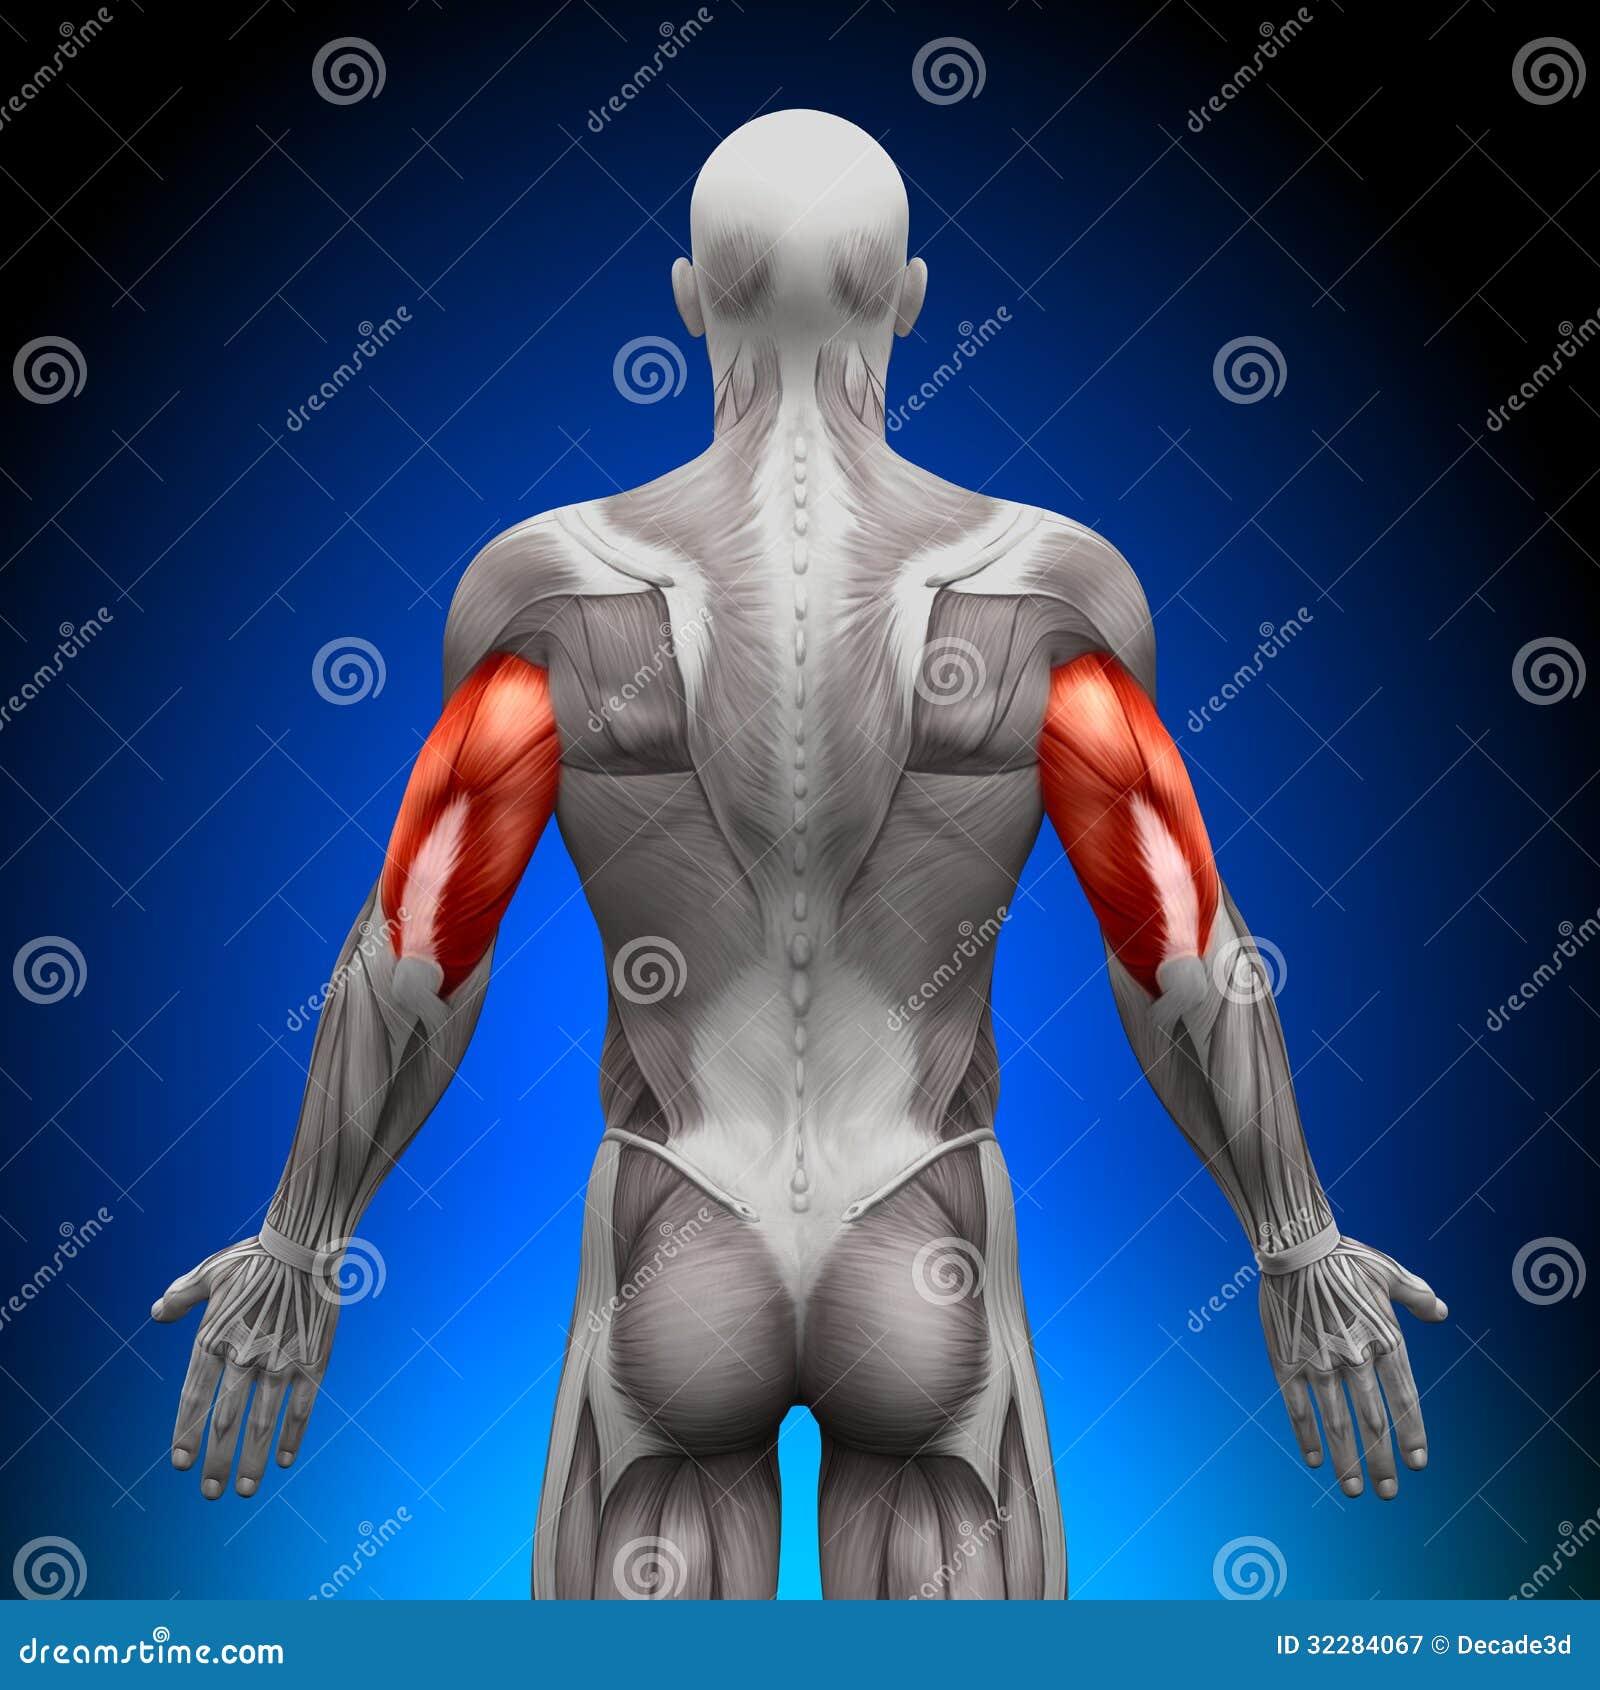 Trizeps - Anatomie-Muskeln stock abbildung. Illustration von ...